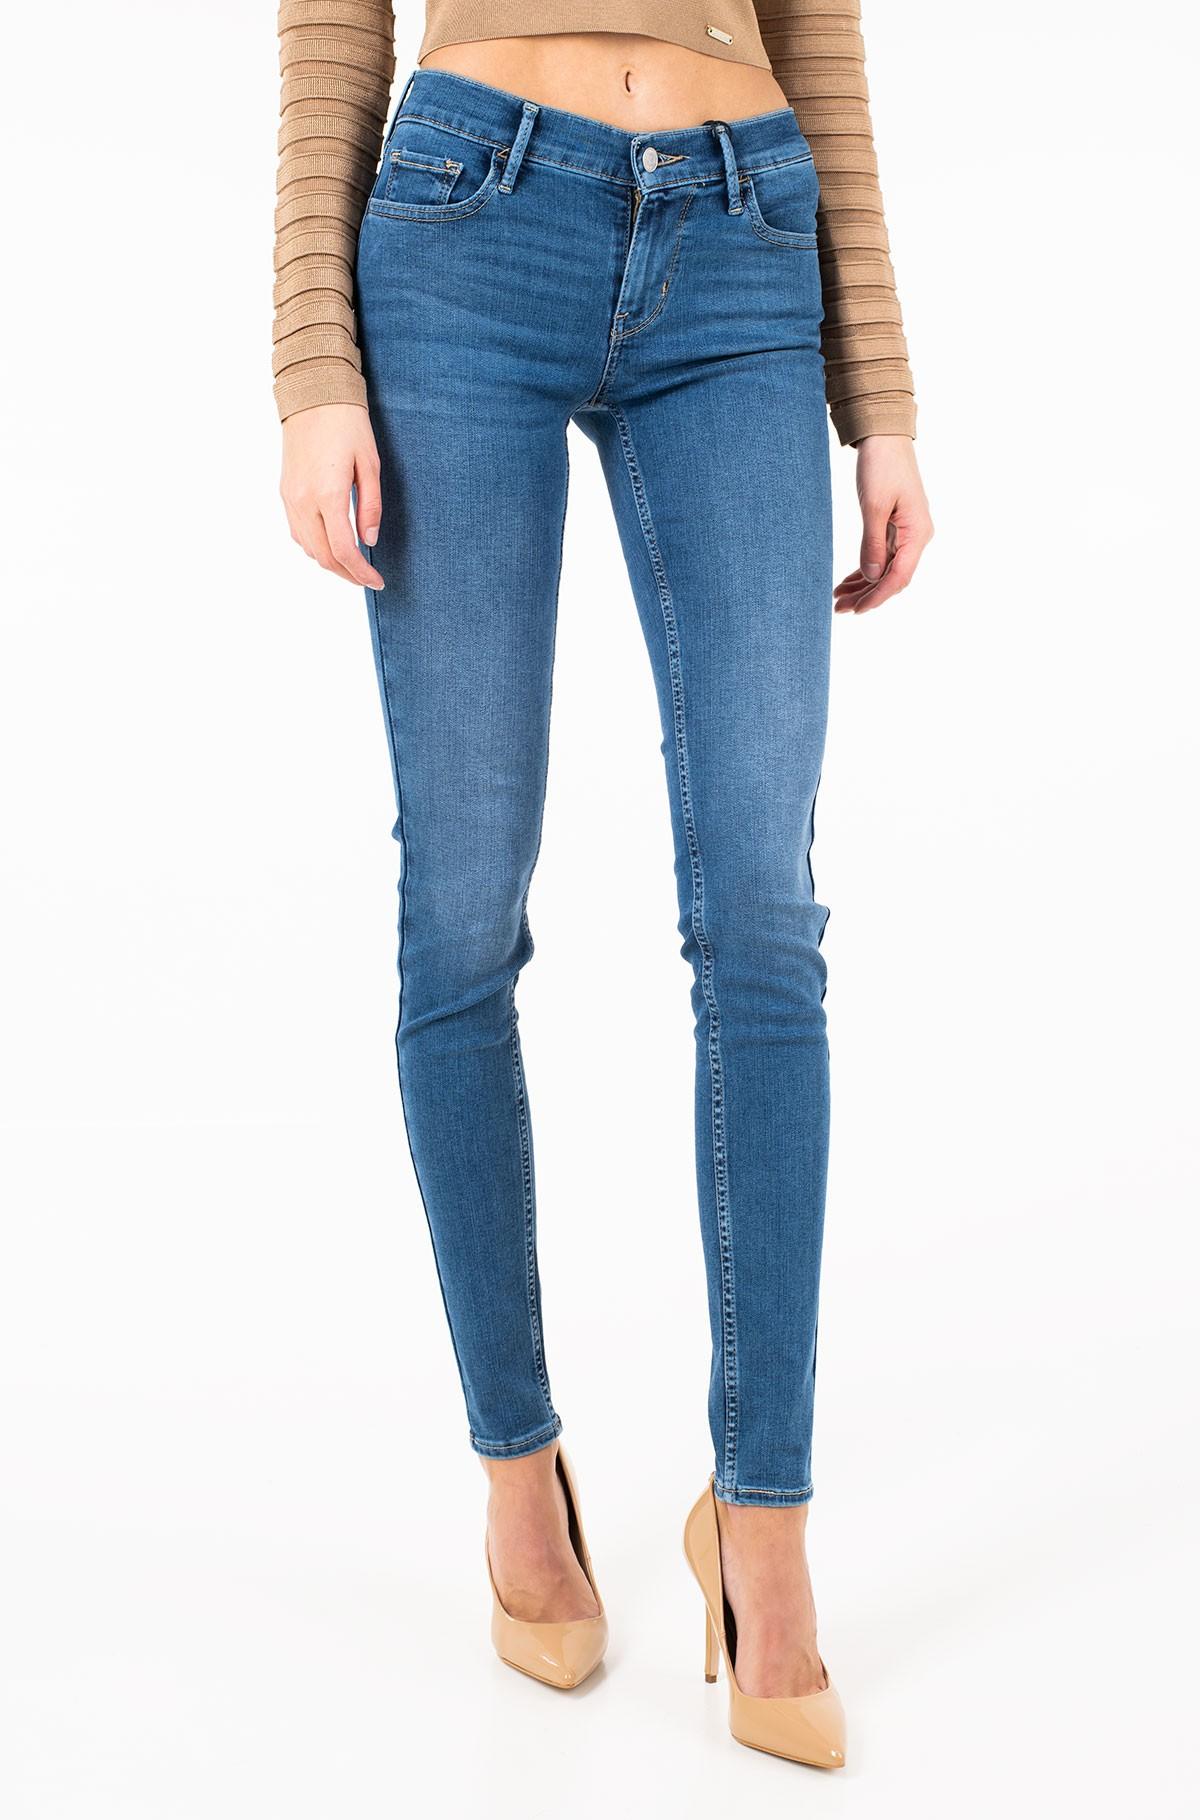 Jeans 177800053-full-1